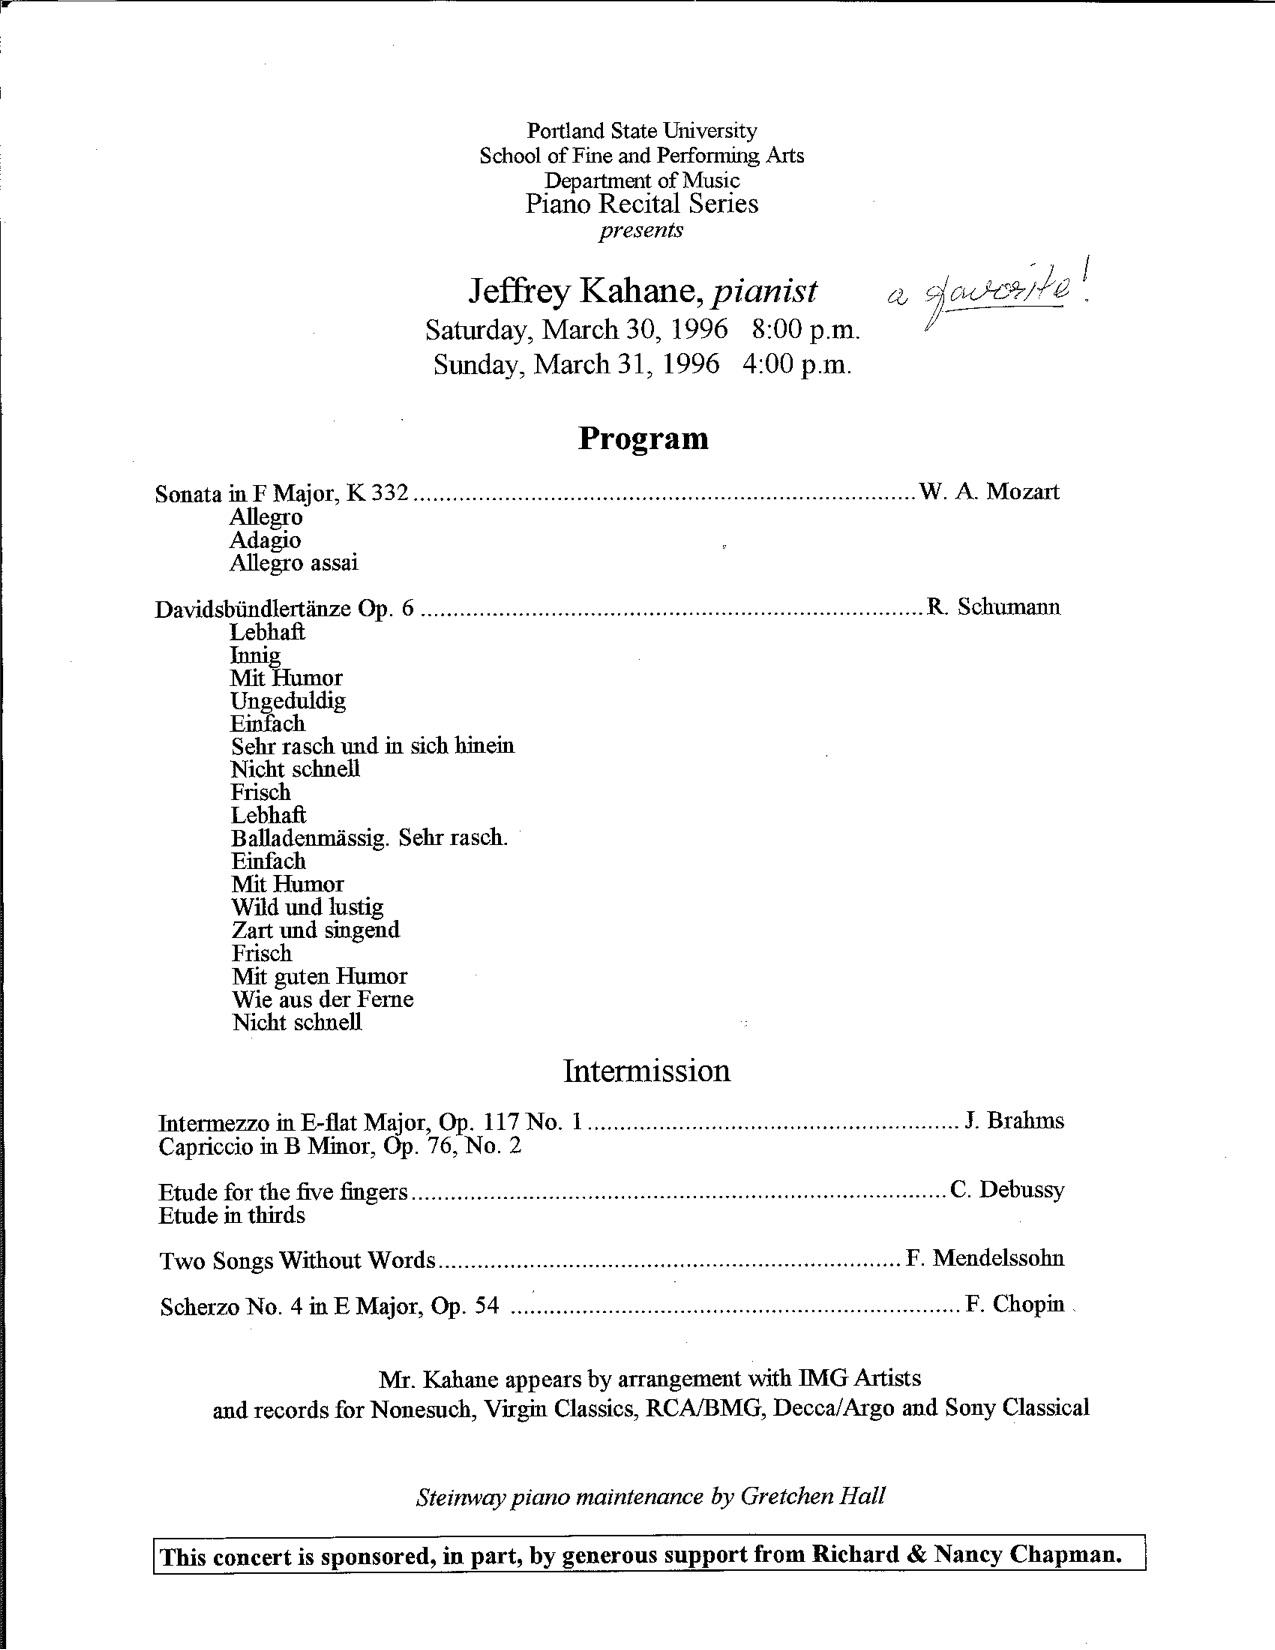 Kahane95-96_Program2.jpg